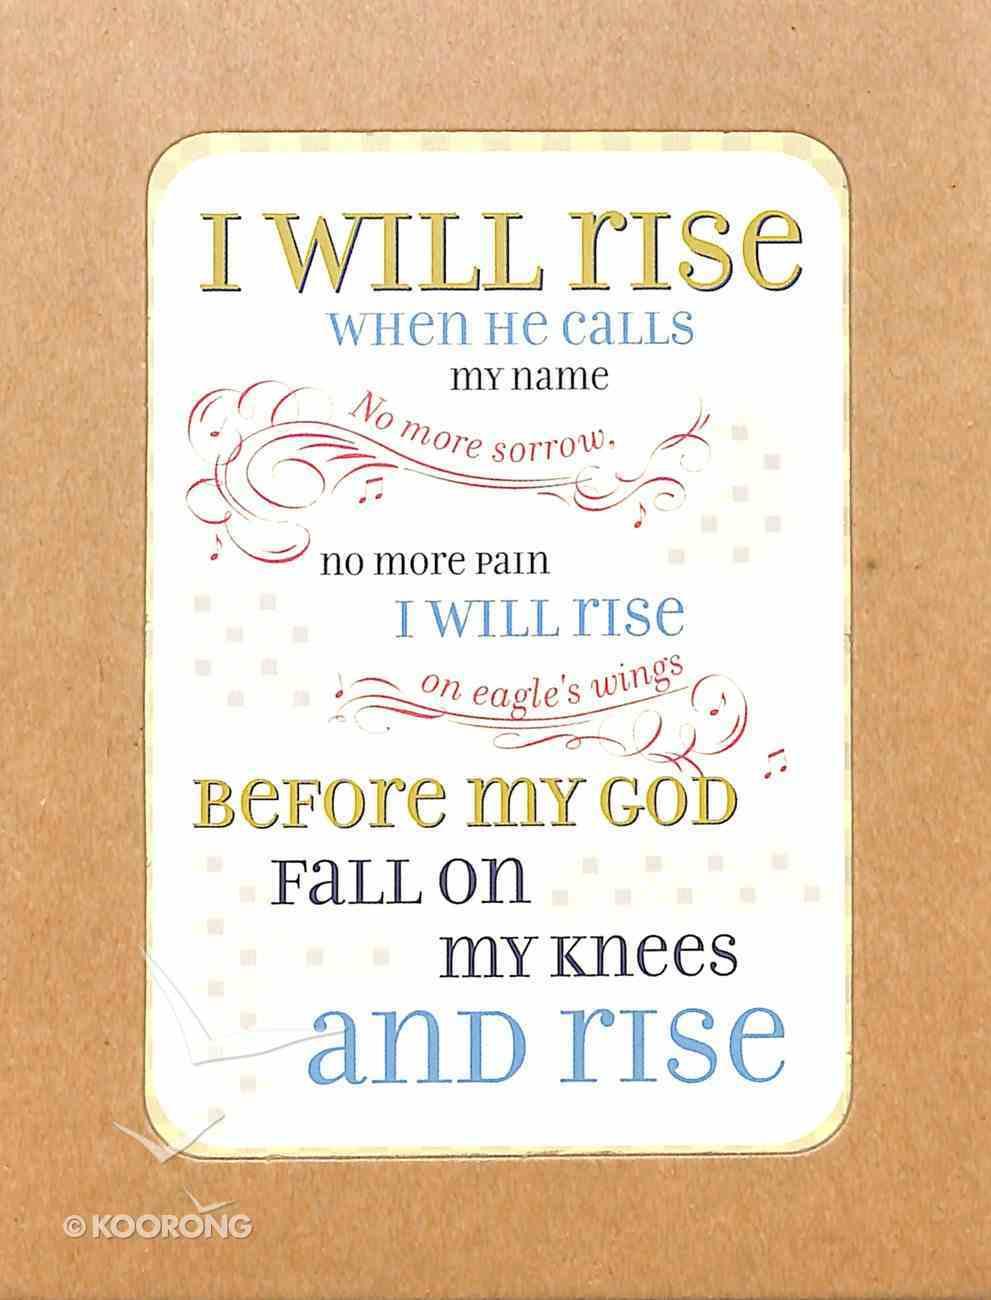 Boxed Notes Lyrics For Life: I Will Rise, Ephesians 3:20 Box